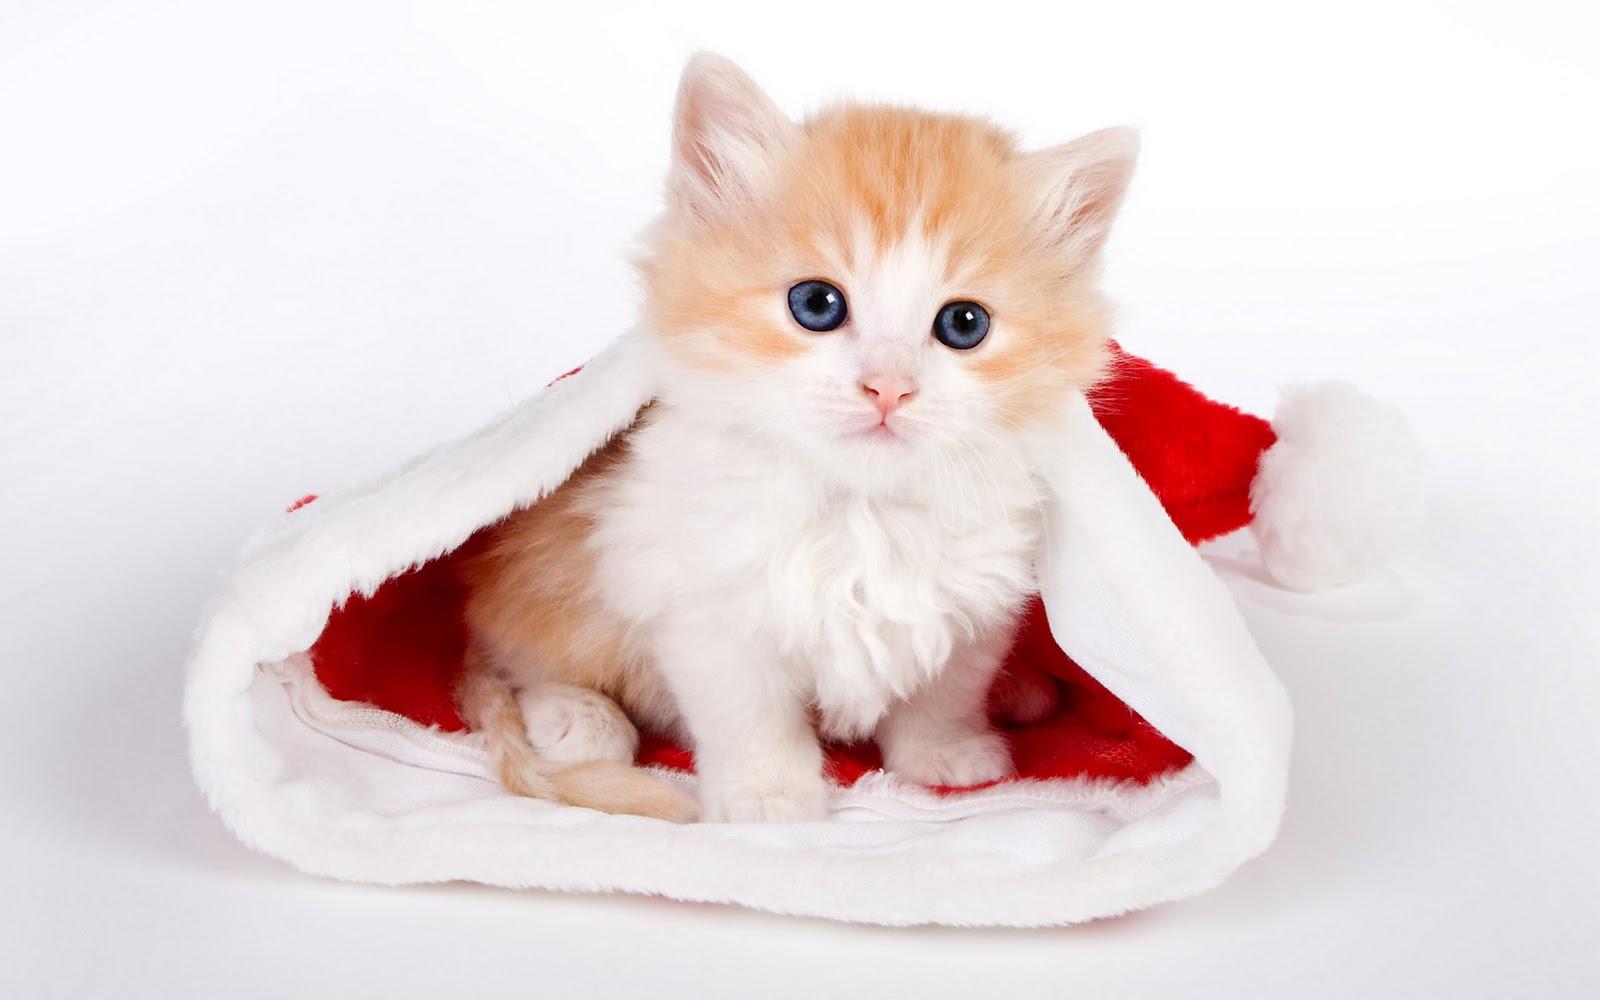 http://3.bp.blogspot.com/_zzTQh2xAmJA/TRYIXChKasI/AAAAAAAAAIA/5sK4LbQmlMo/s1600/cute-cat-in-santa-hat-wallpapers_16425_1920x1200.jpg